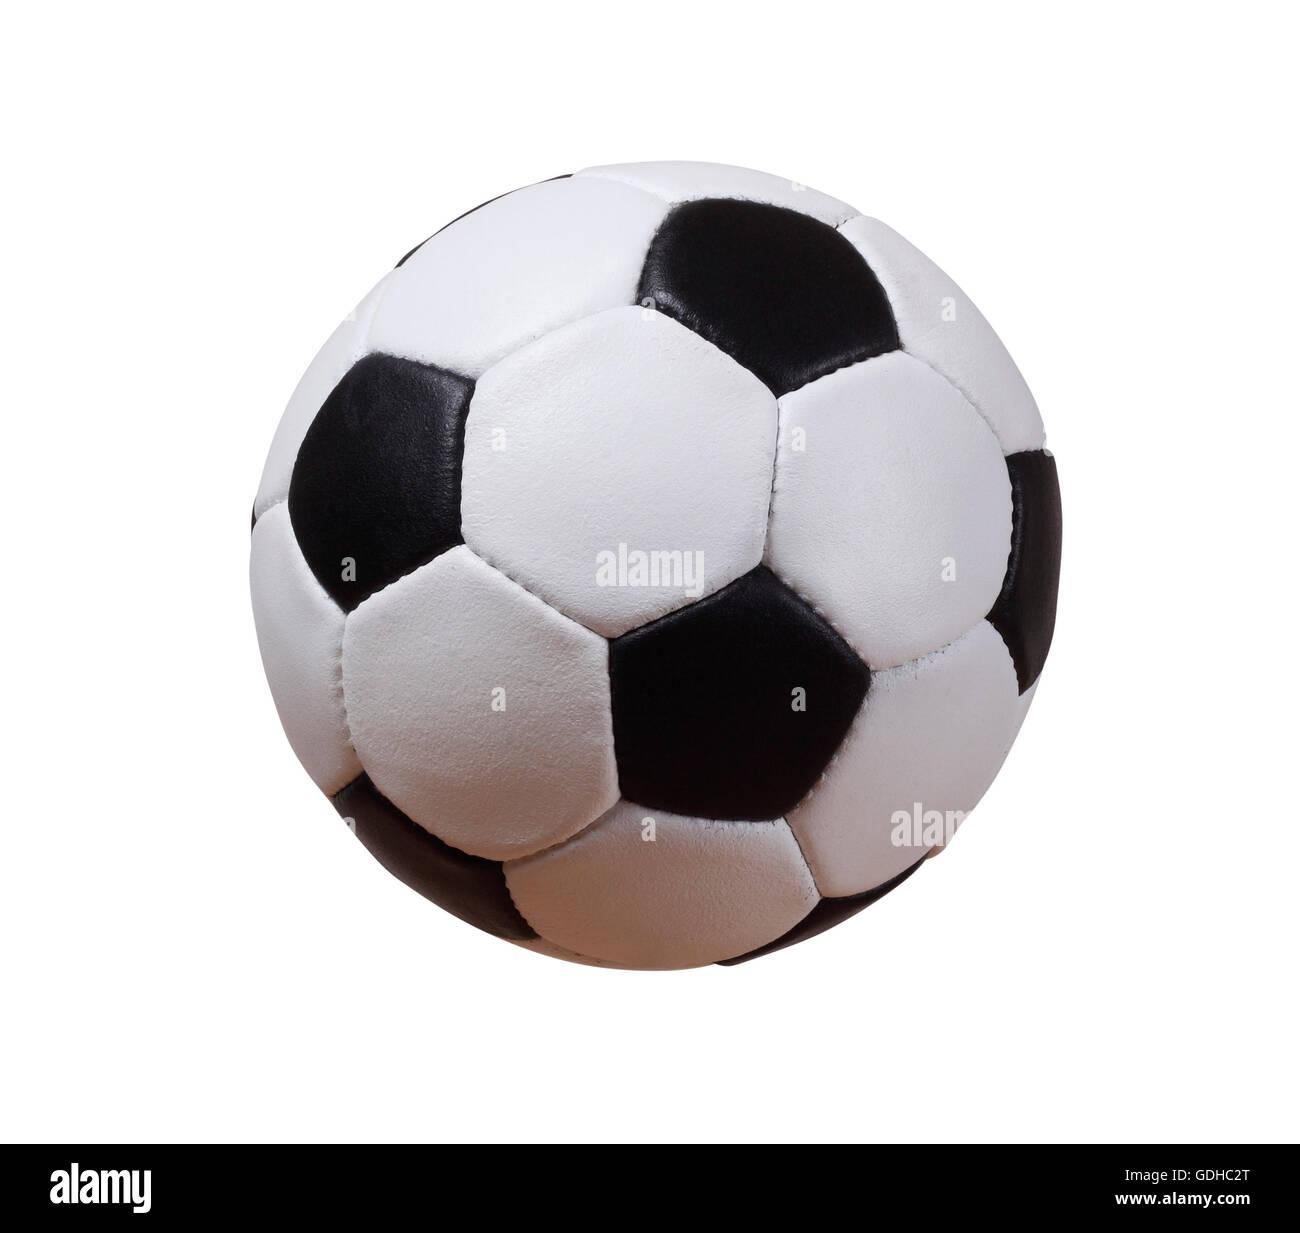 Isolate il calcio o il pallone da calcio con tracciato di ritaglio Foto Stock